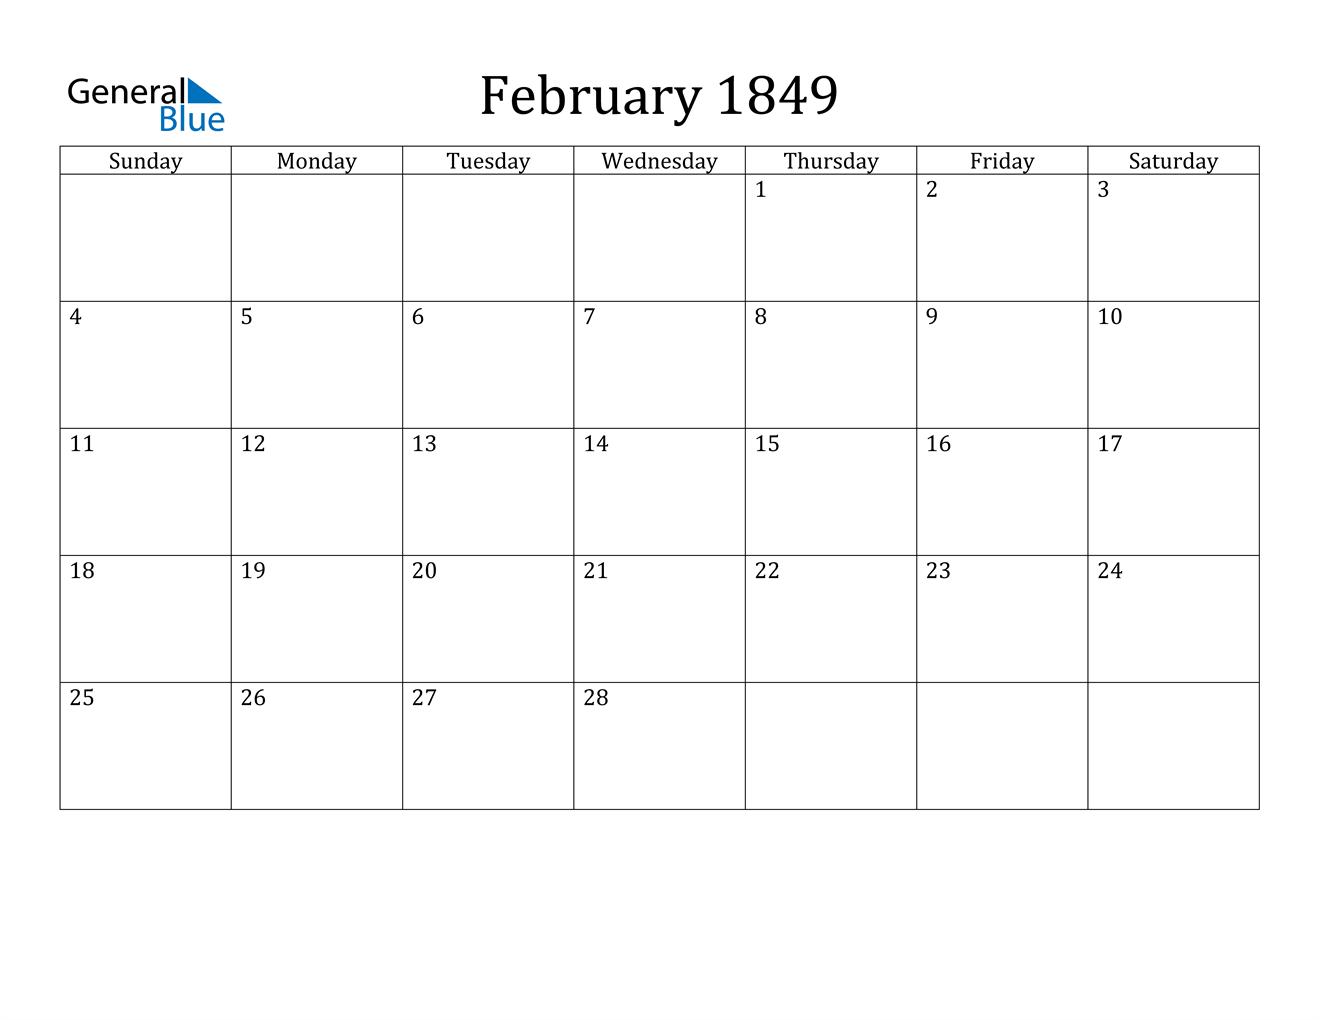 Image of February 1849 Calendar